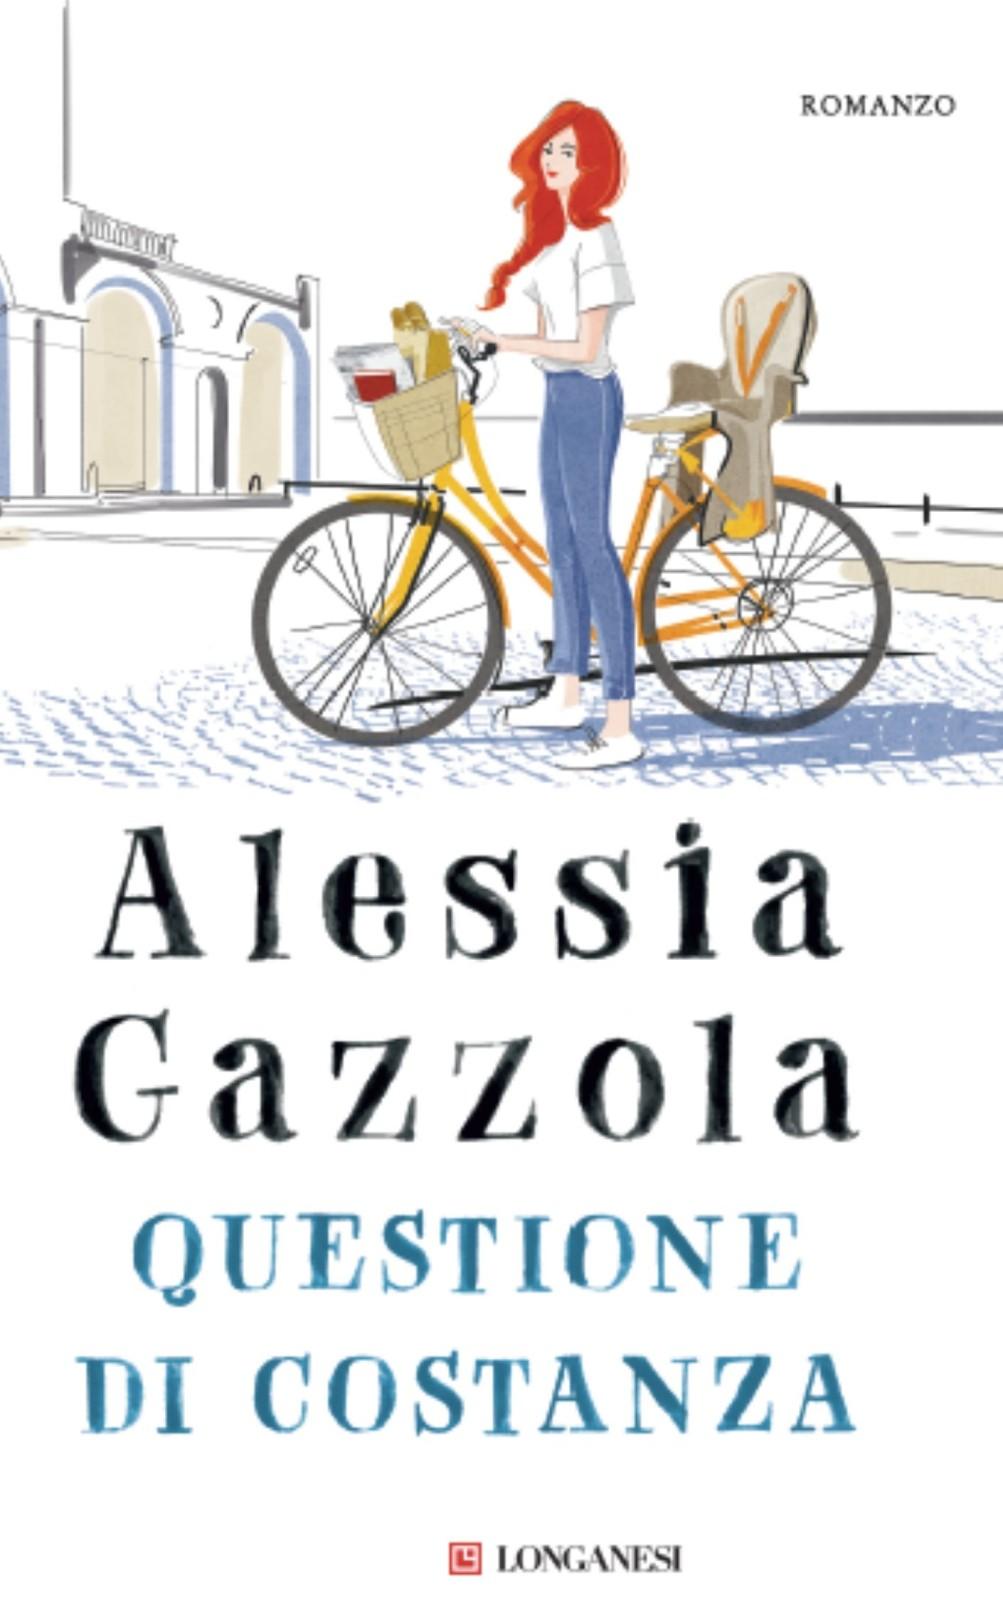 Gazzola - Questione di Costanza